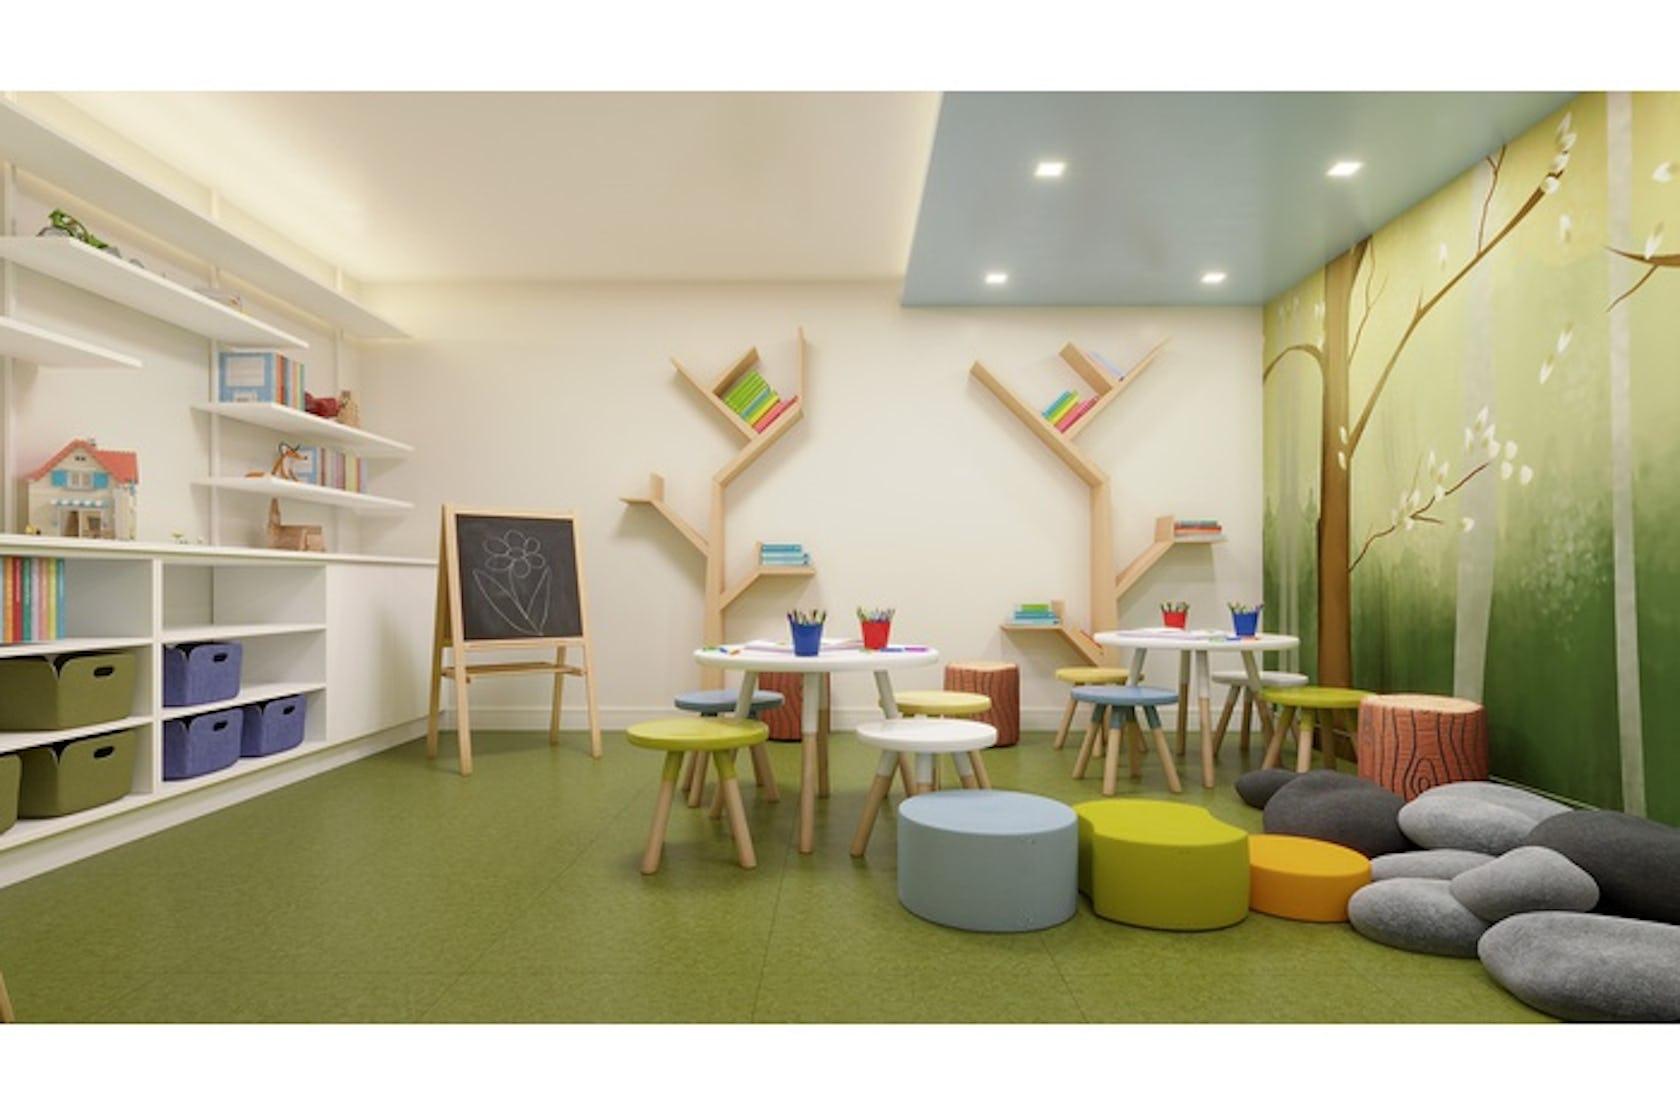 furniture chair corner interior design indoors room